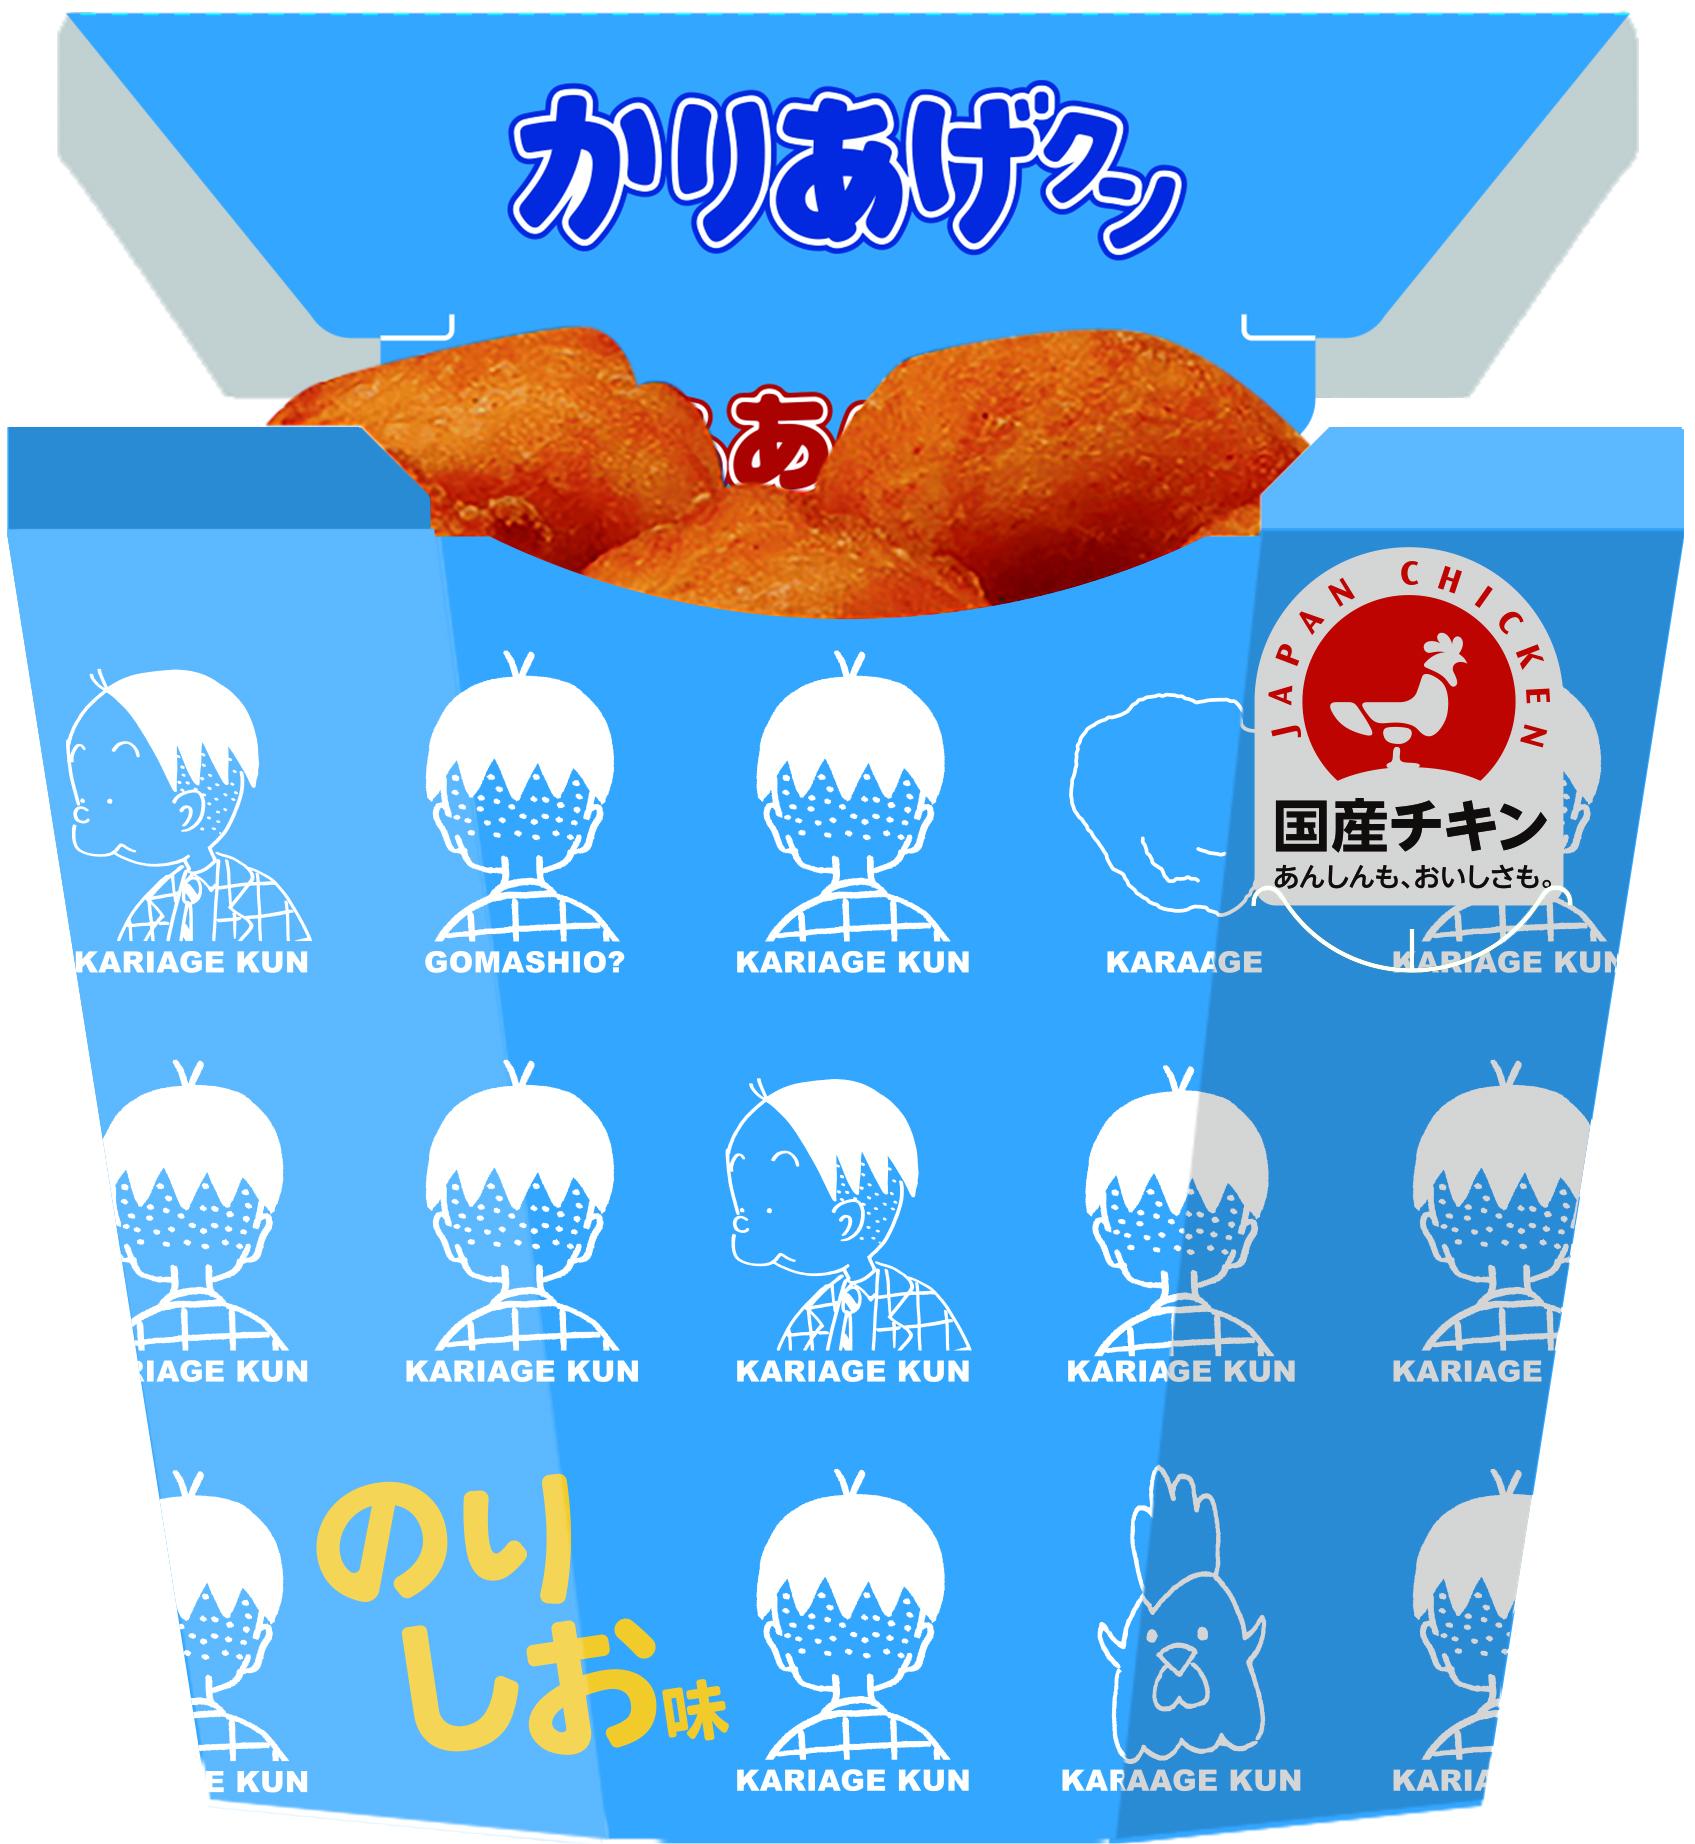 (c)植田まさし/双葉社